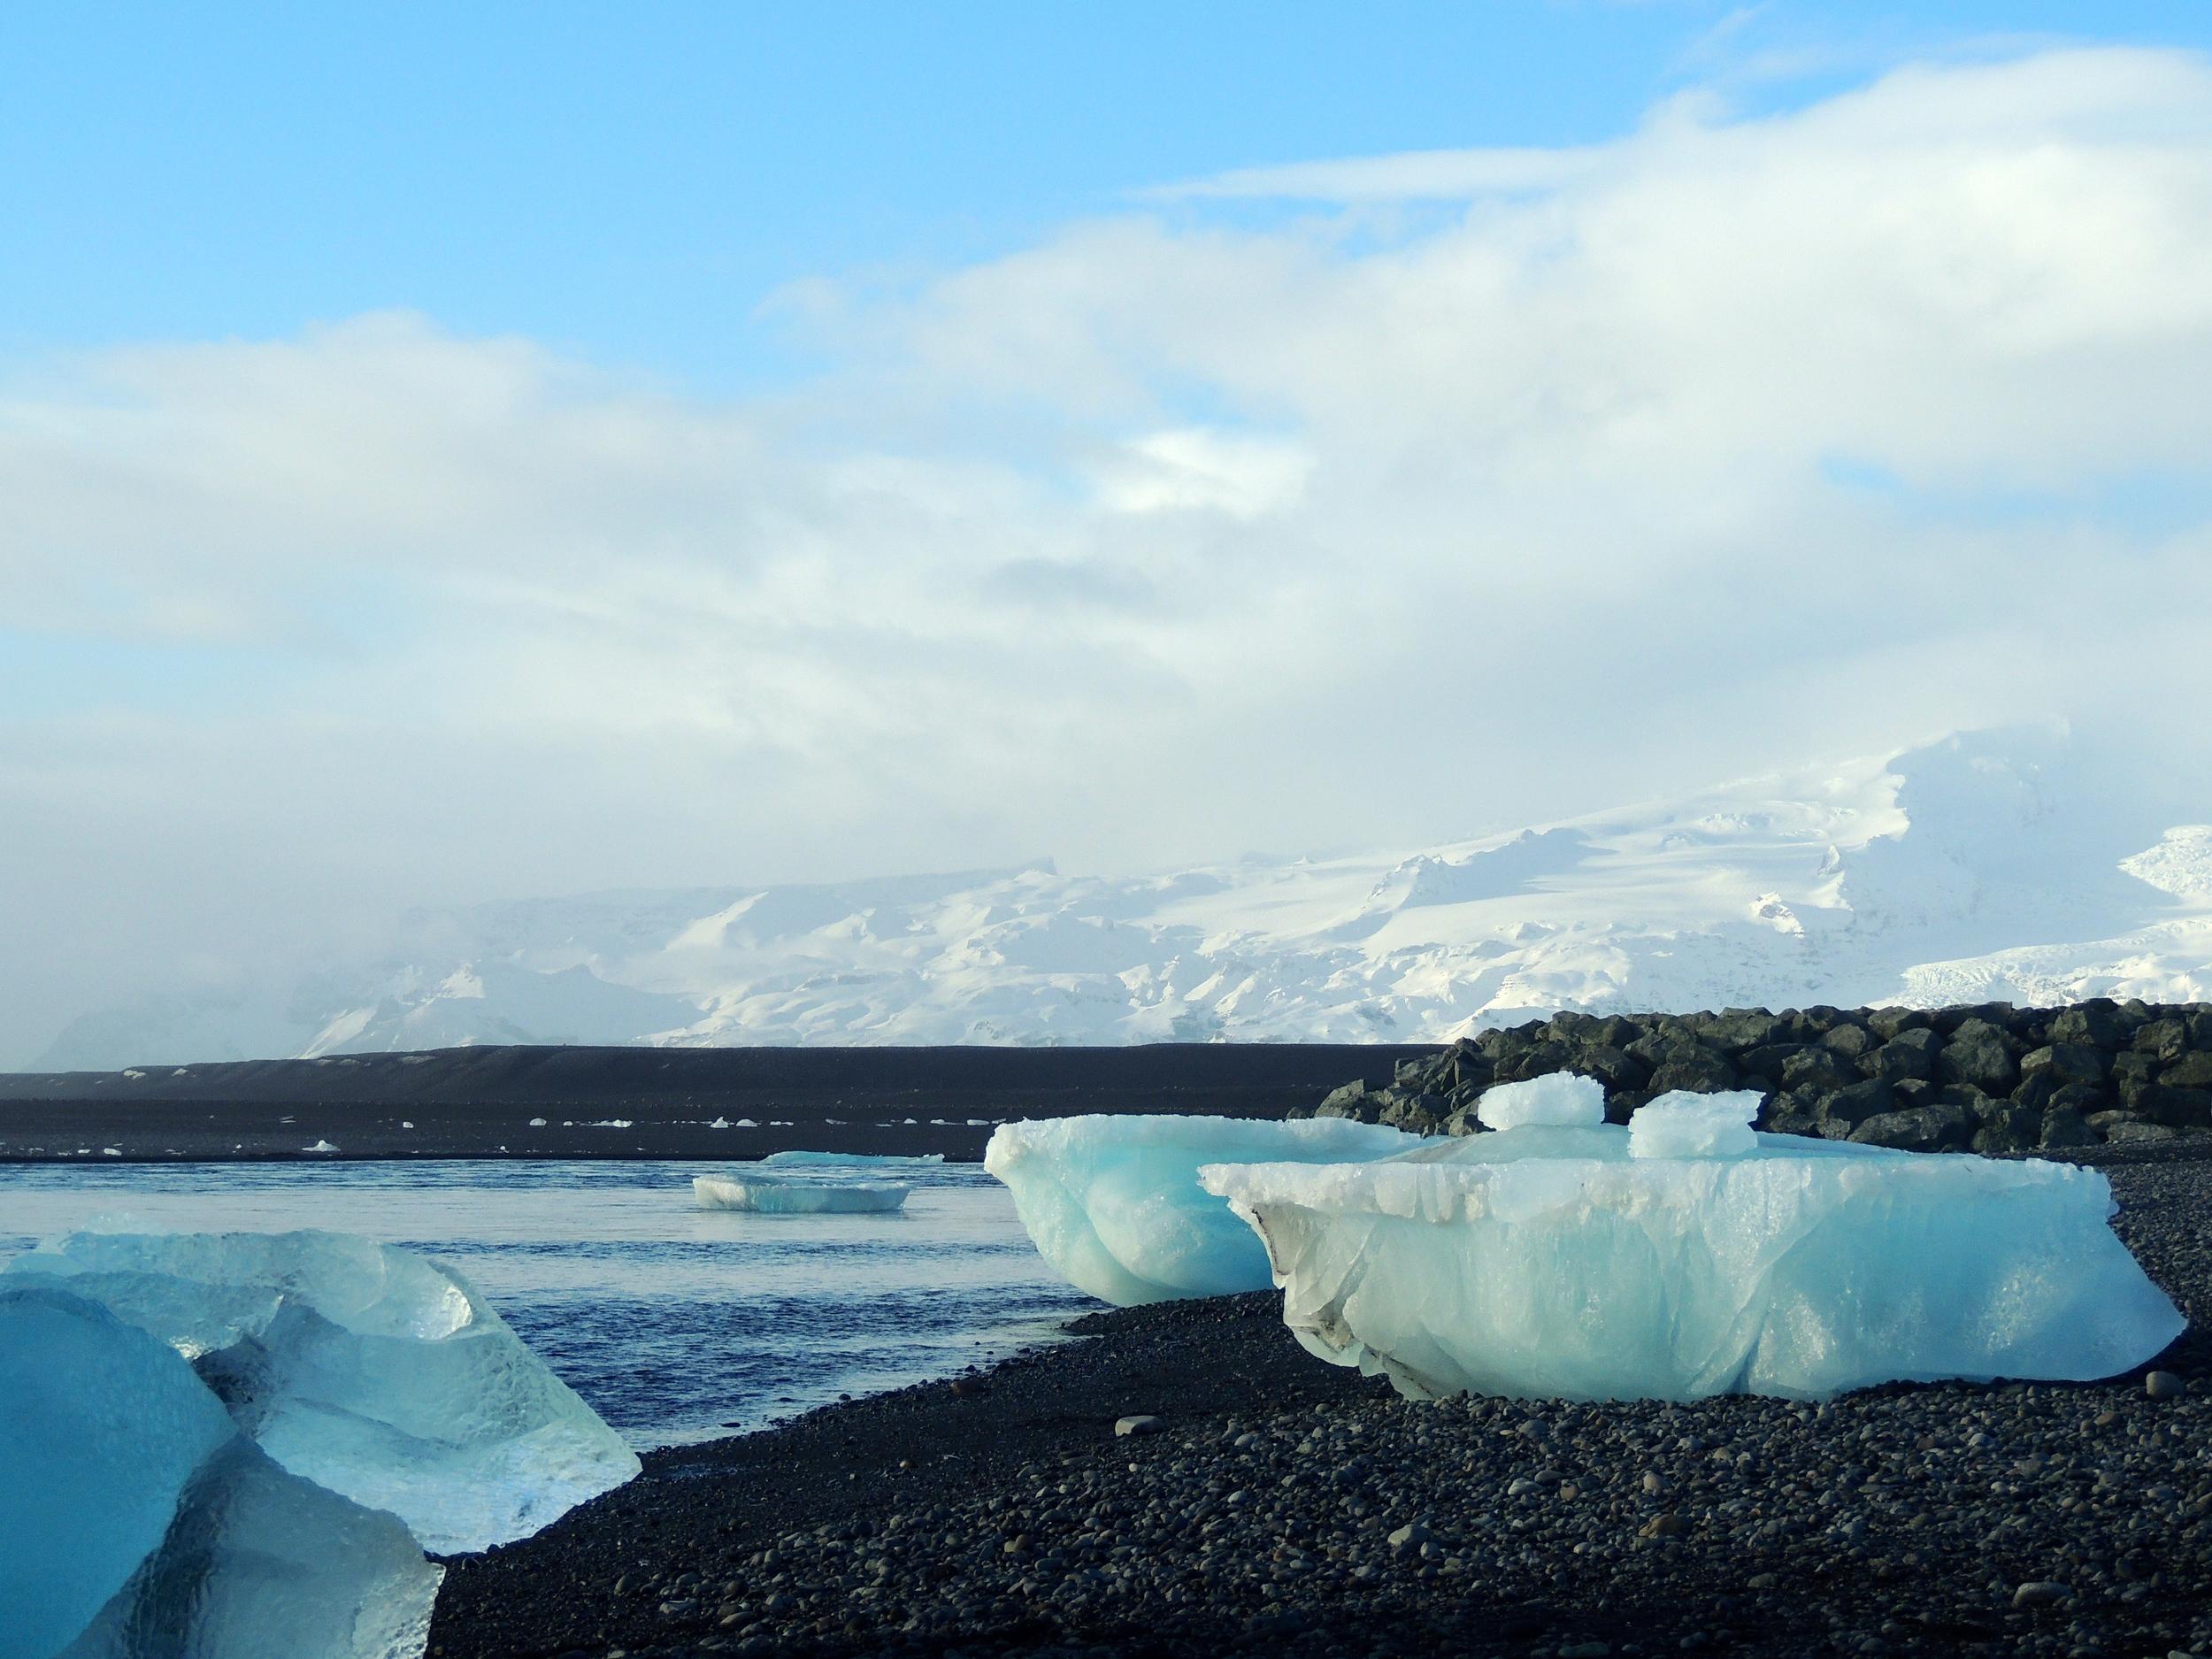 ilovethistoday-iceland-icebergs2